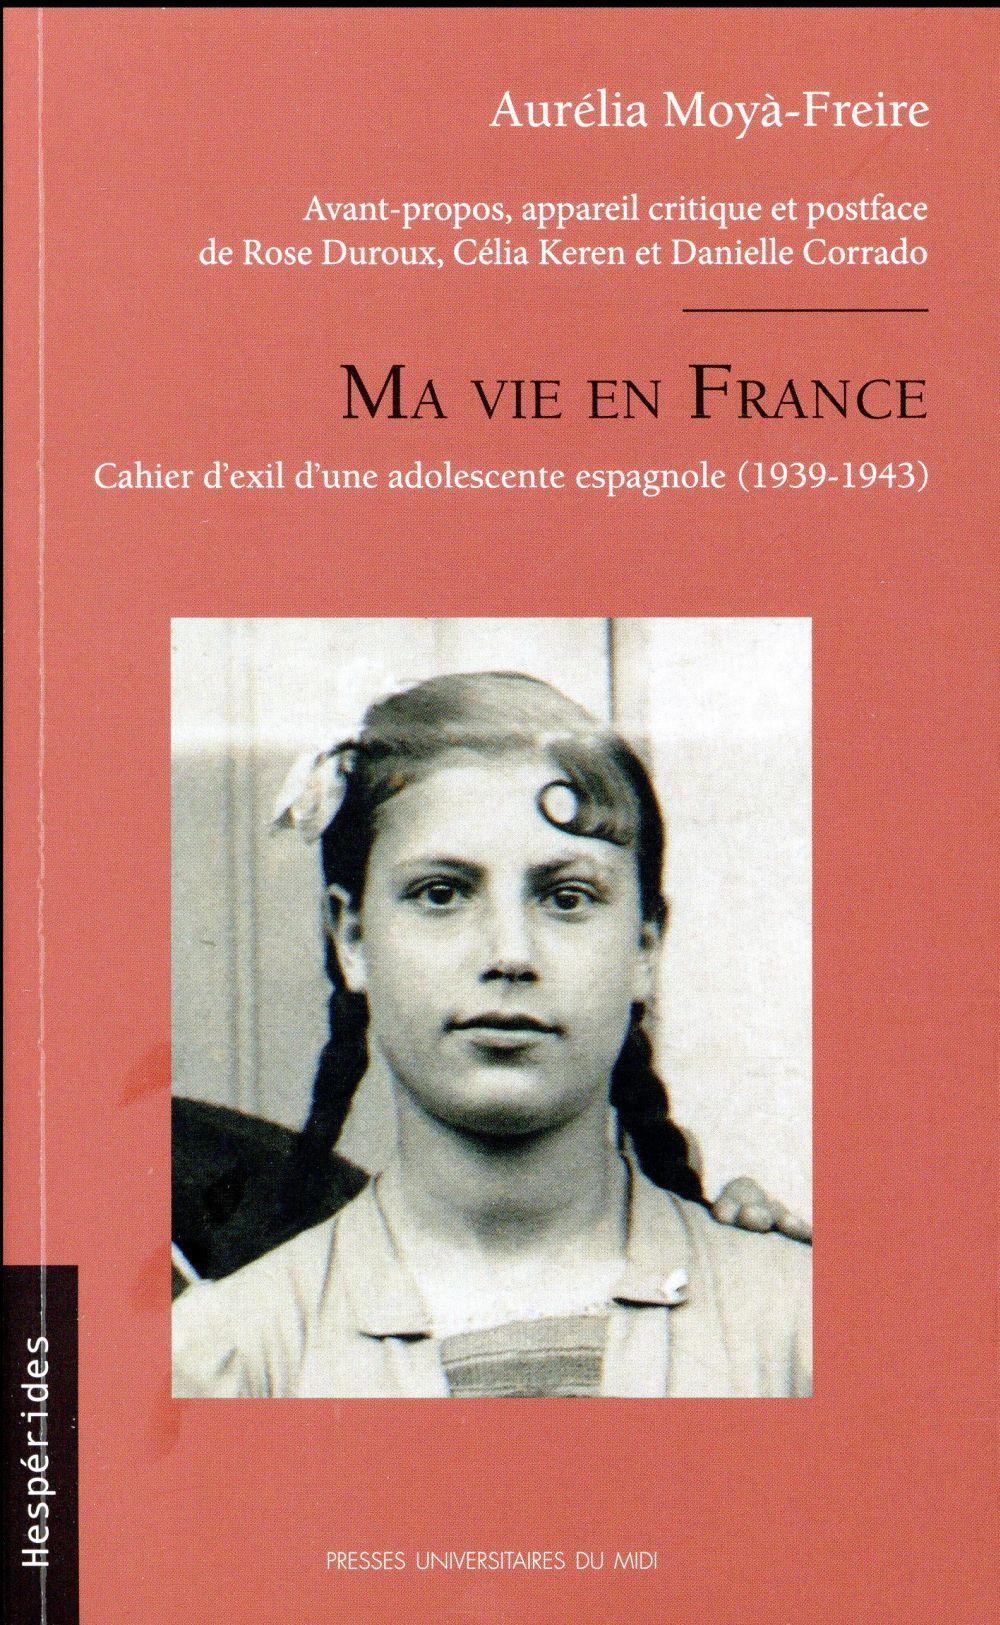 MA VIE EN FRANCE - CAHIER D'EXIL D'UNE ADOLESCENTE ESPAGNOLE (1939-1943)